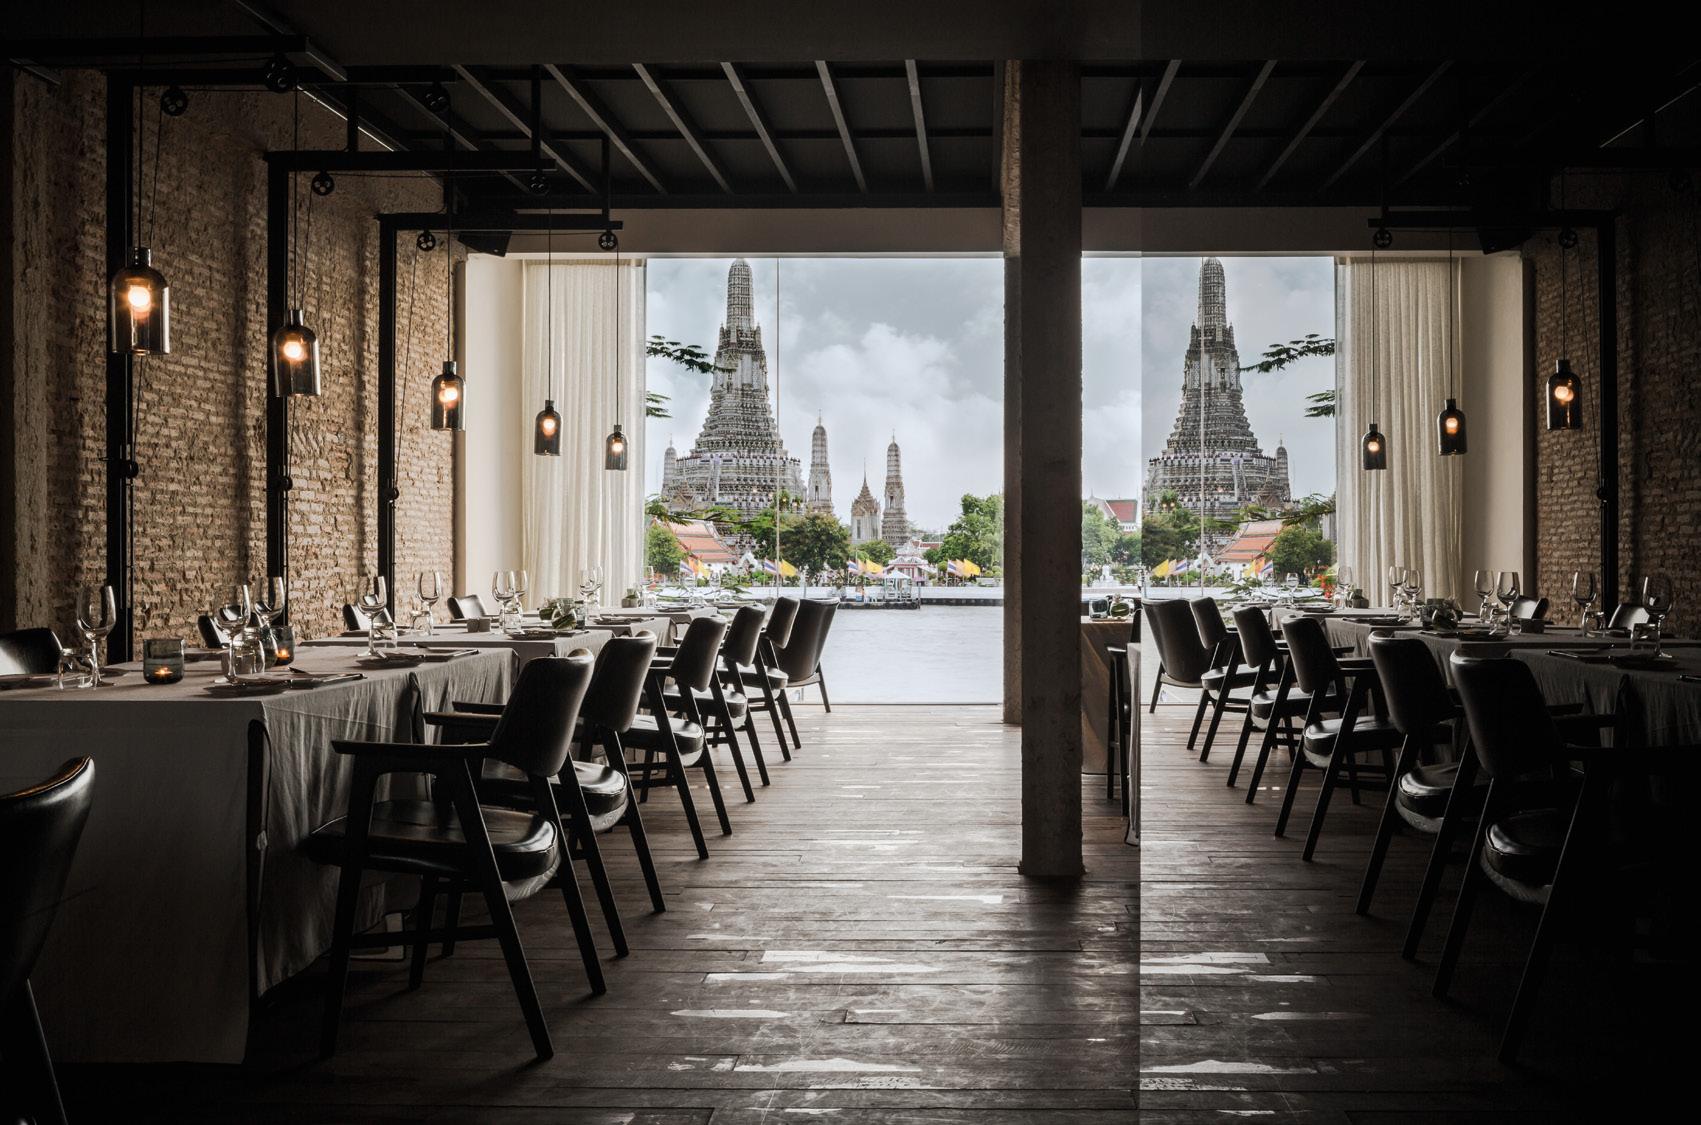 17 stunning restaurant designs from around the world | cnn style